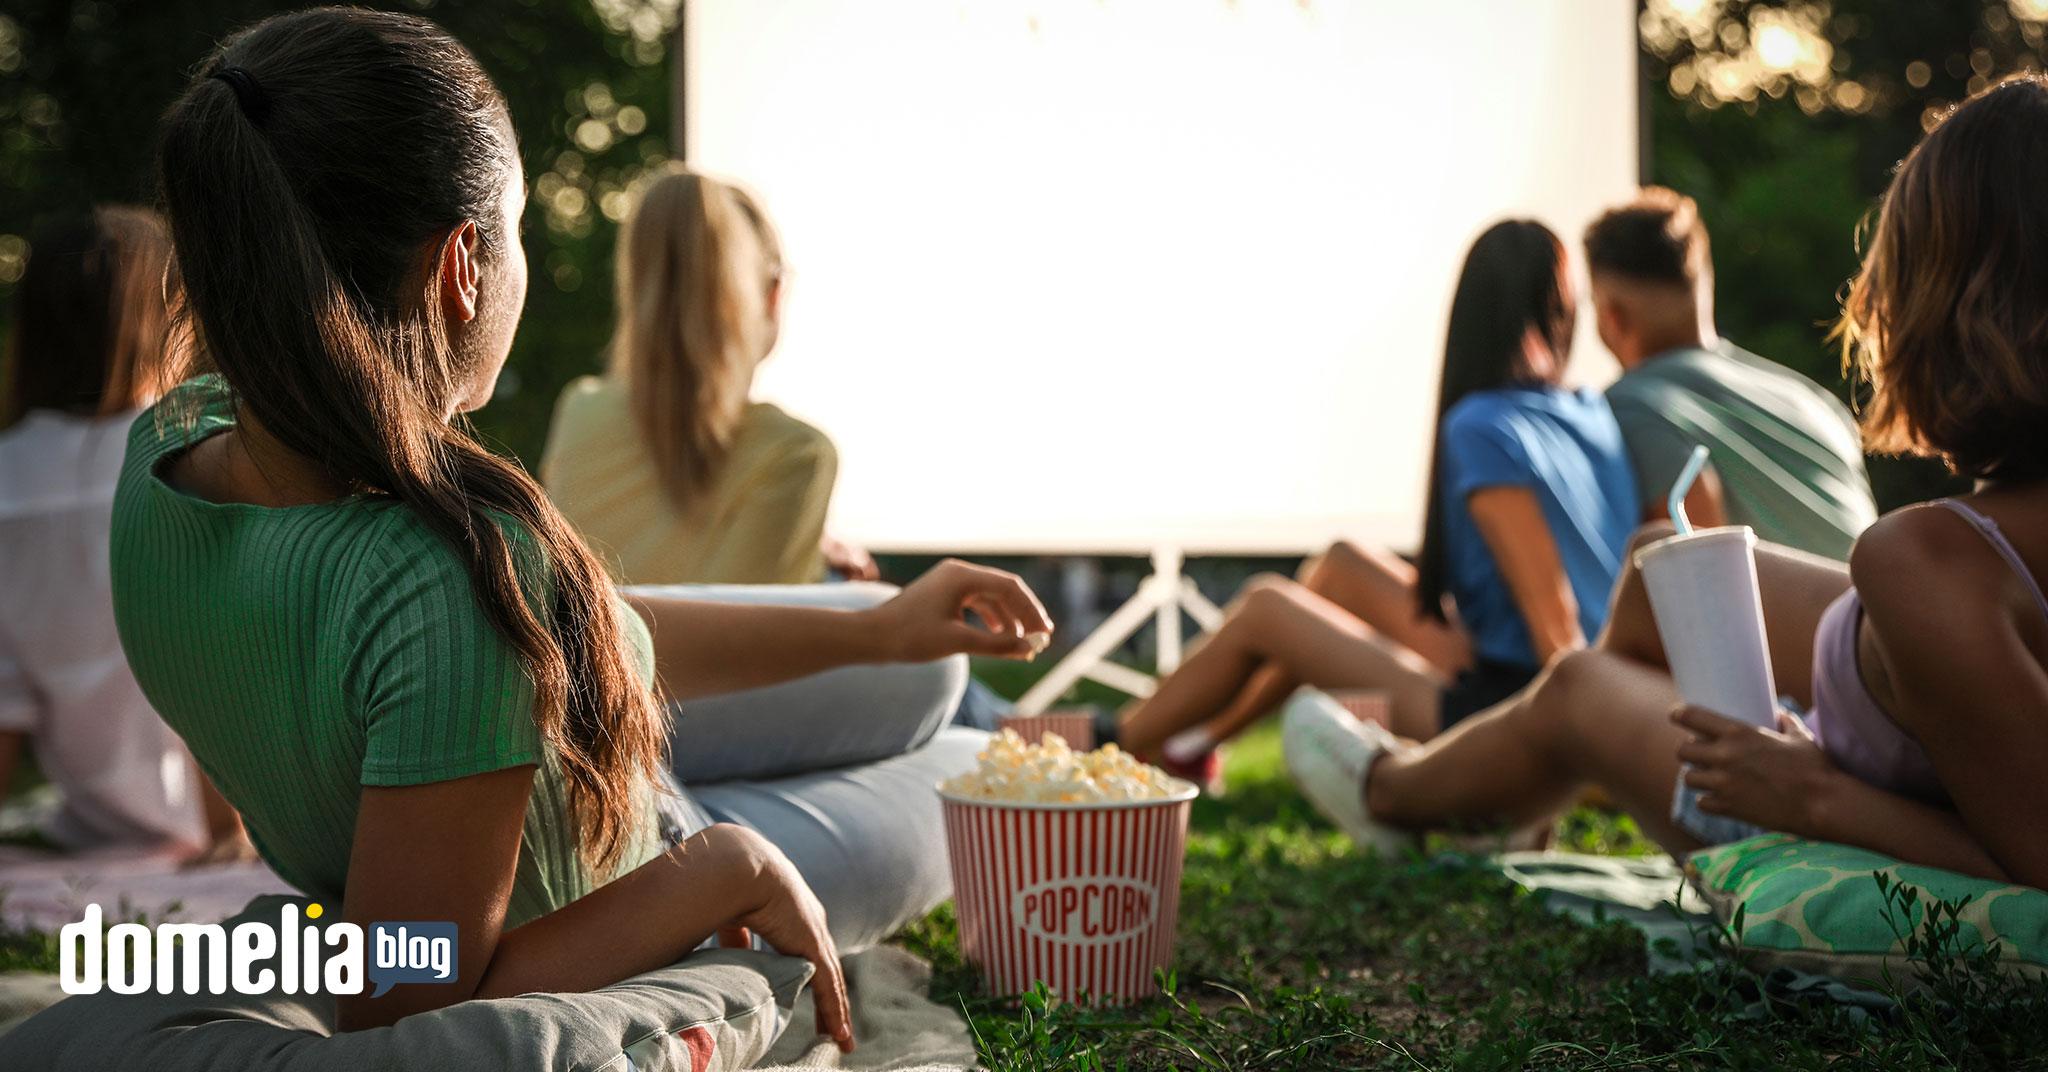 Letné kino - 10 tipov na skvelé leto s nízkym rozpočtom - Blog - Domelia.sk